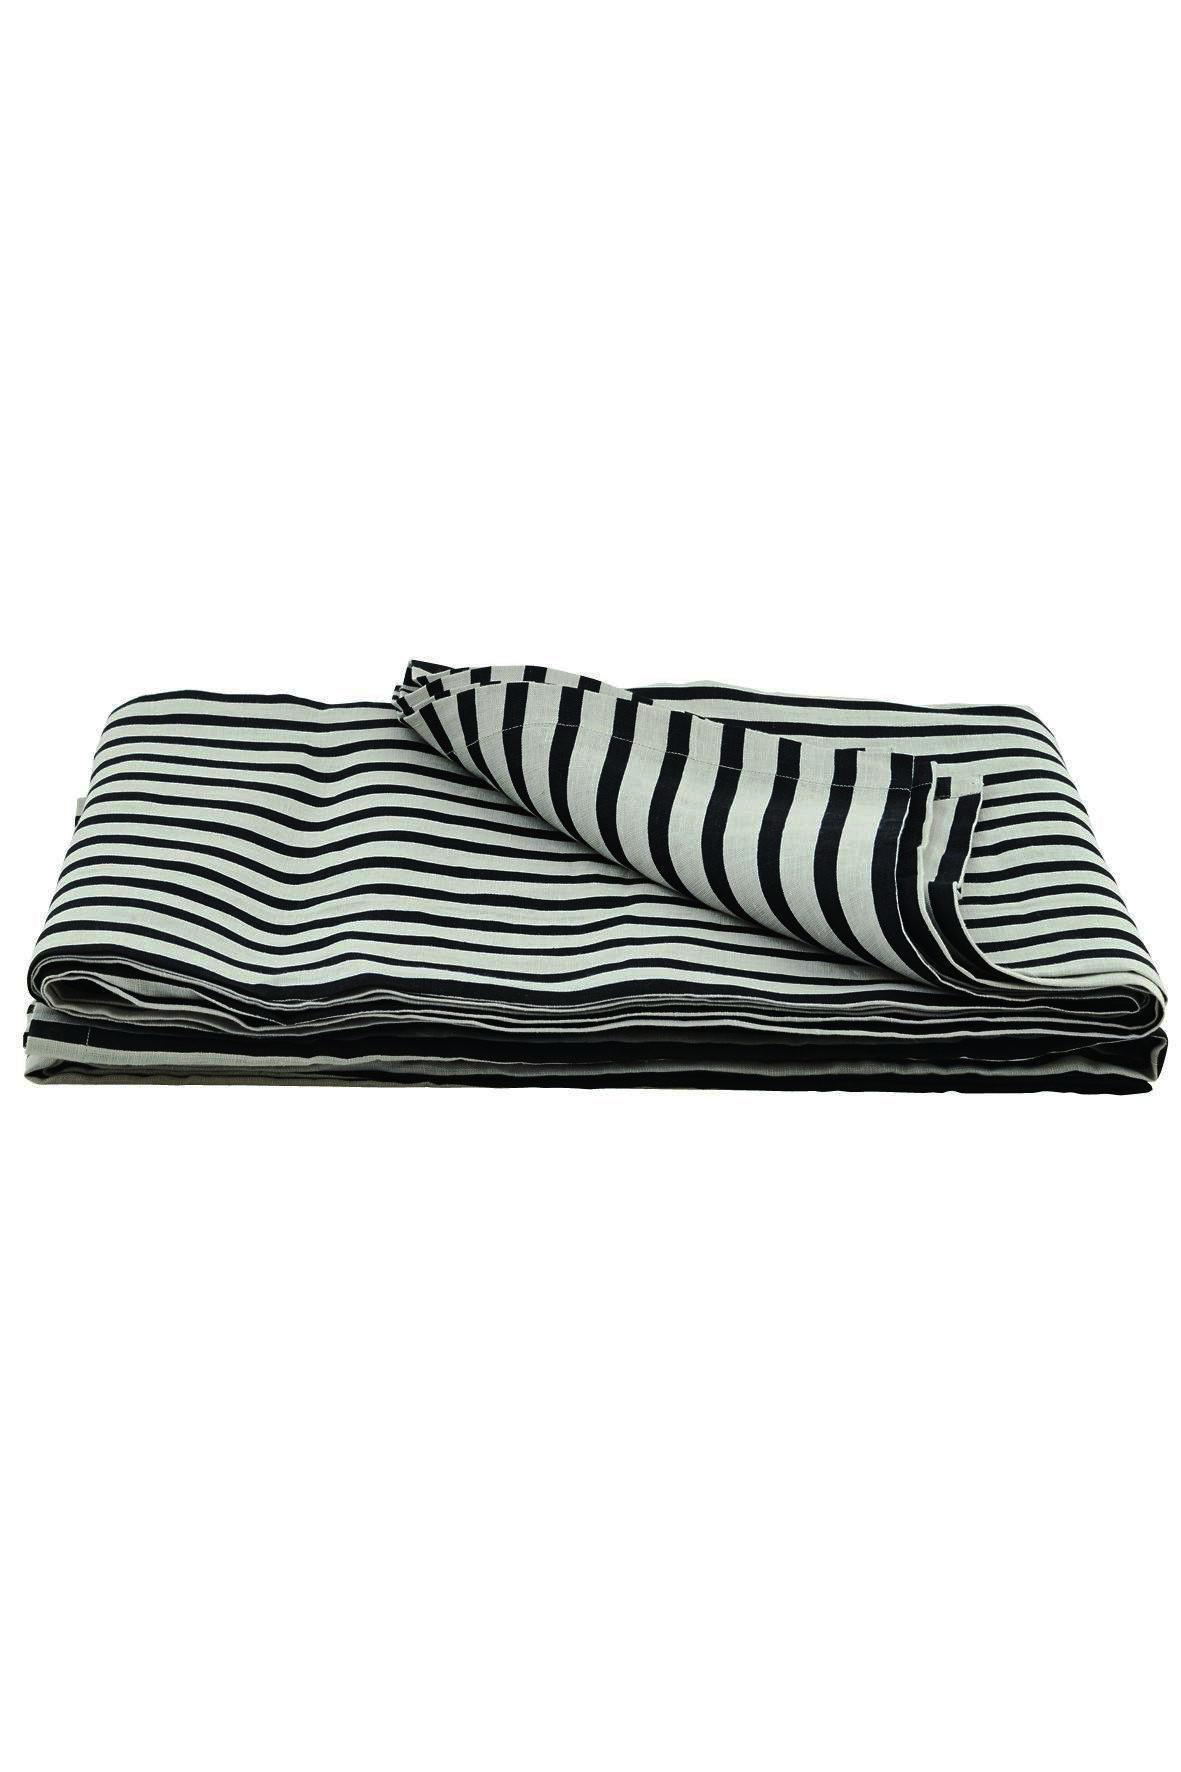 House Doctor Lněný přehoz Black/grey 250x220, černá barva, textil